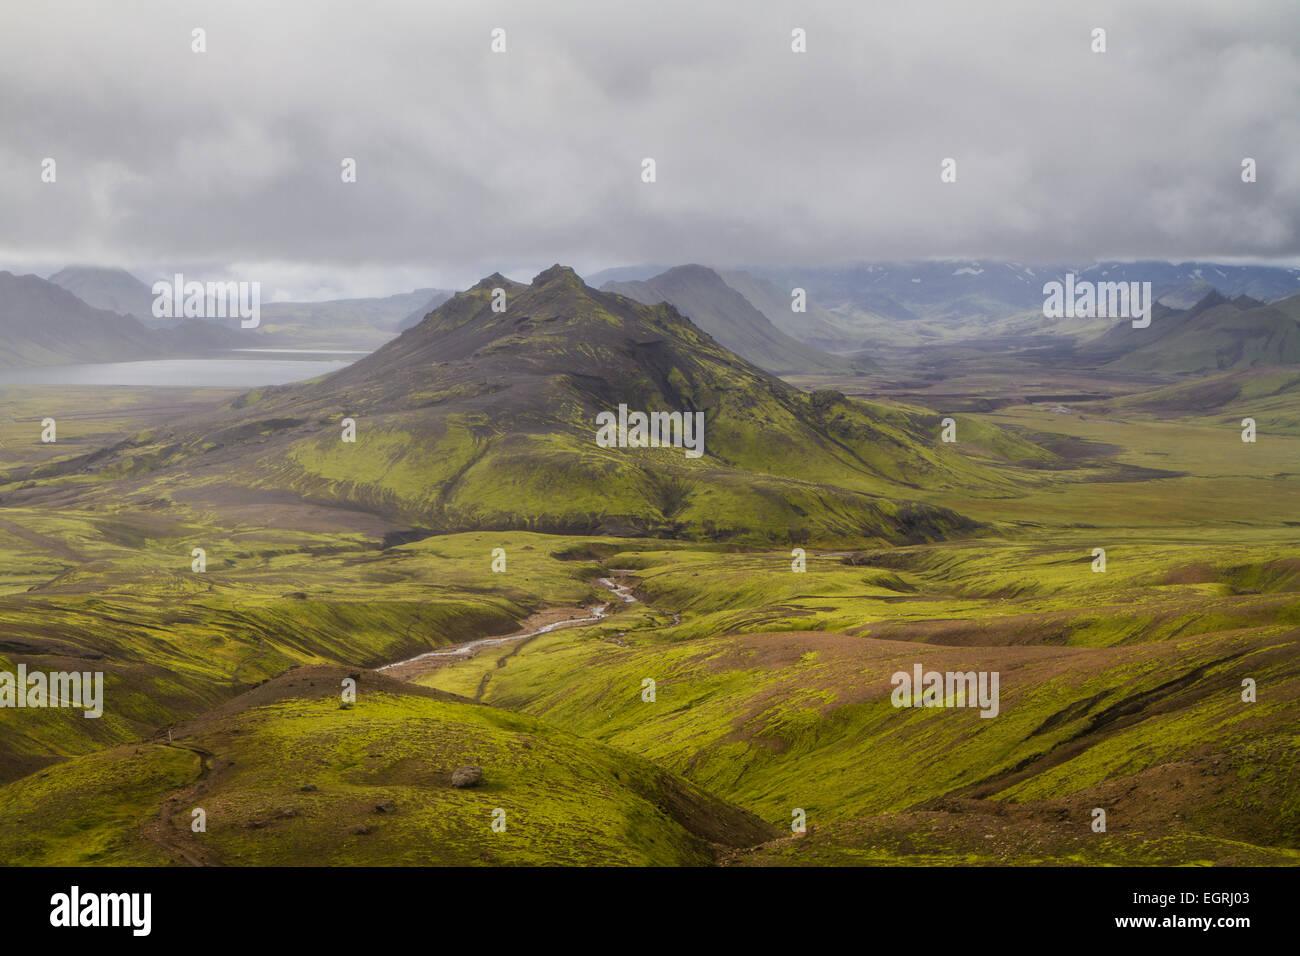 Palagonit Berge in der Nähe von See Alftavatn, Island Stockbild